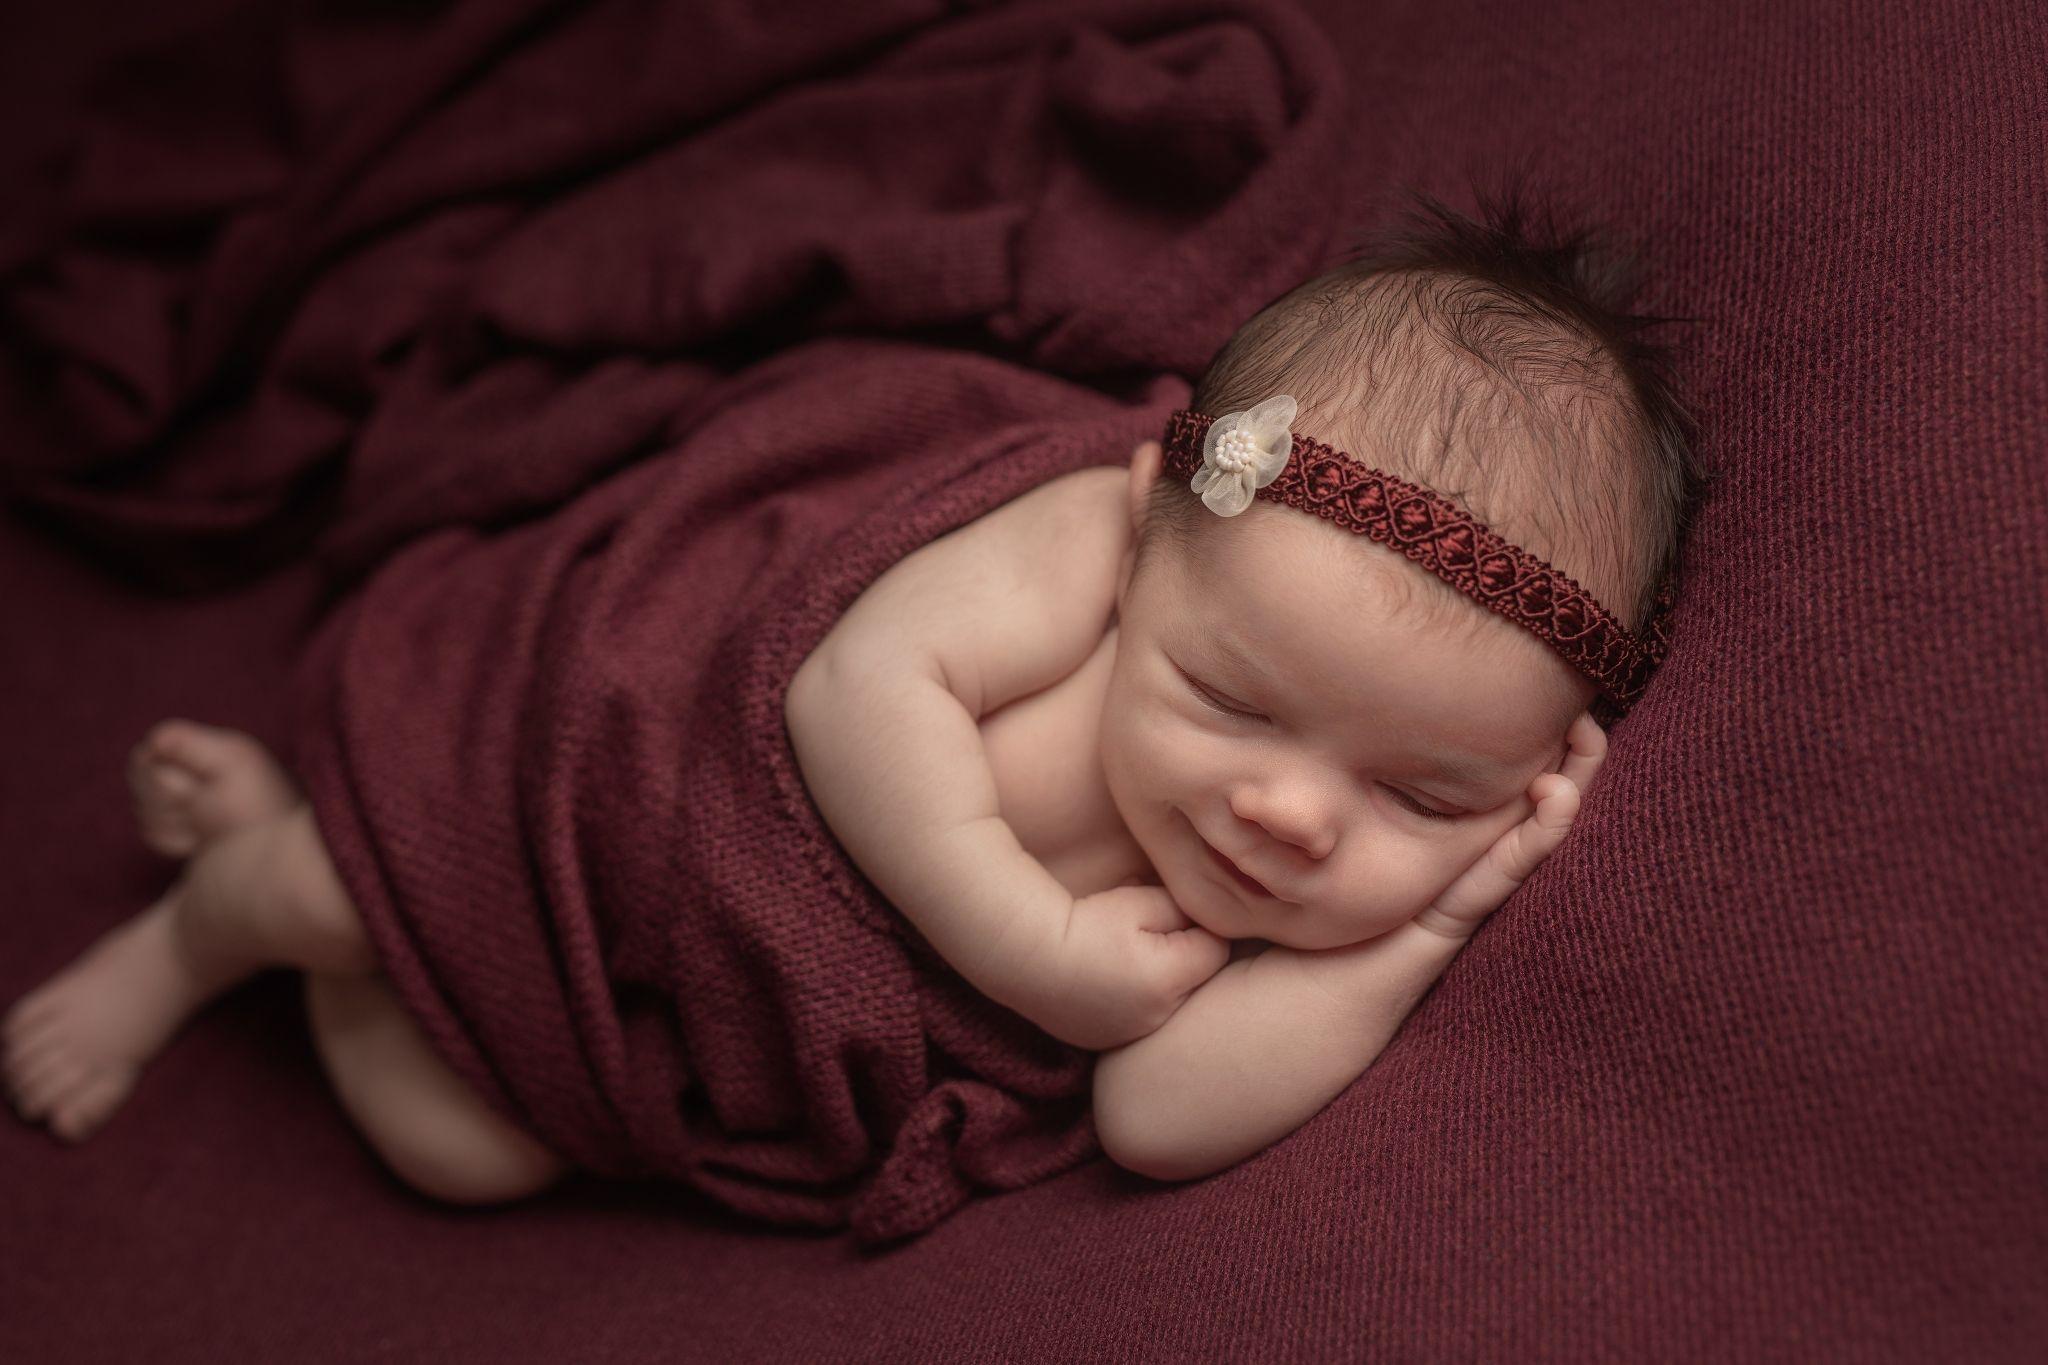 photo artistique bébé nouveau-né côté rouge lot-et-garonne marmande tonneins virazeil sourire